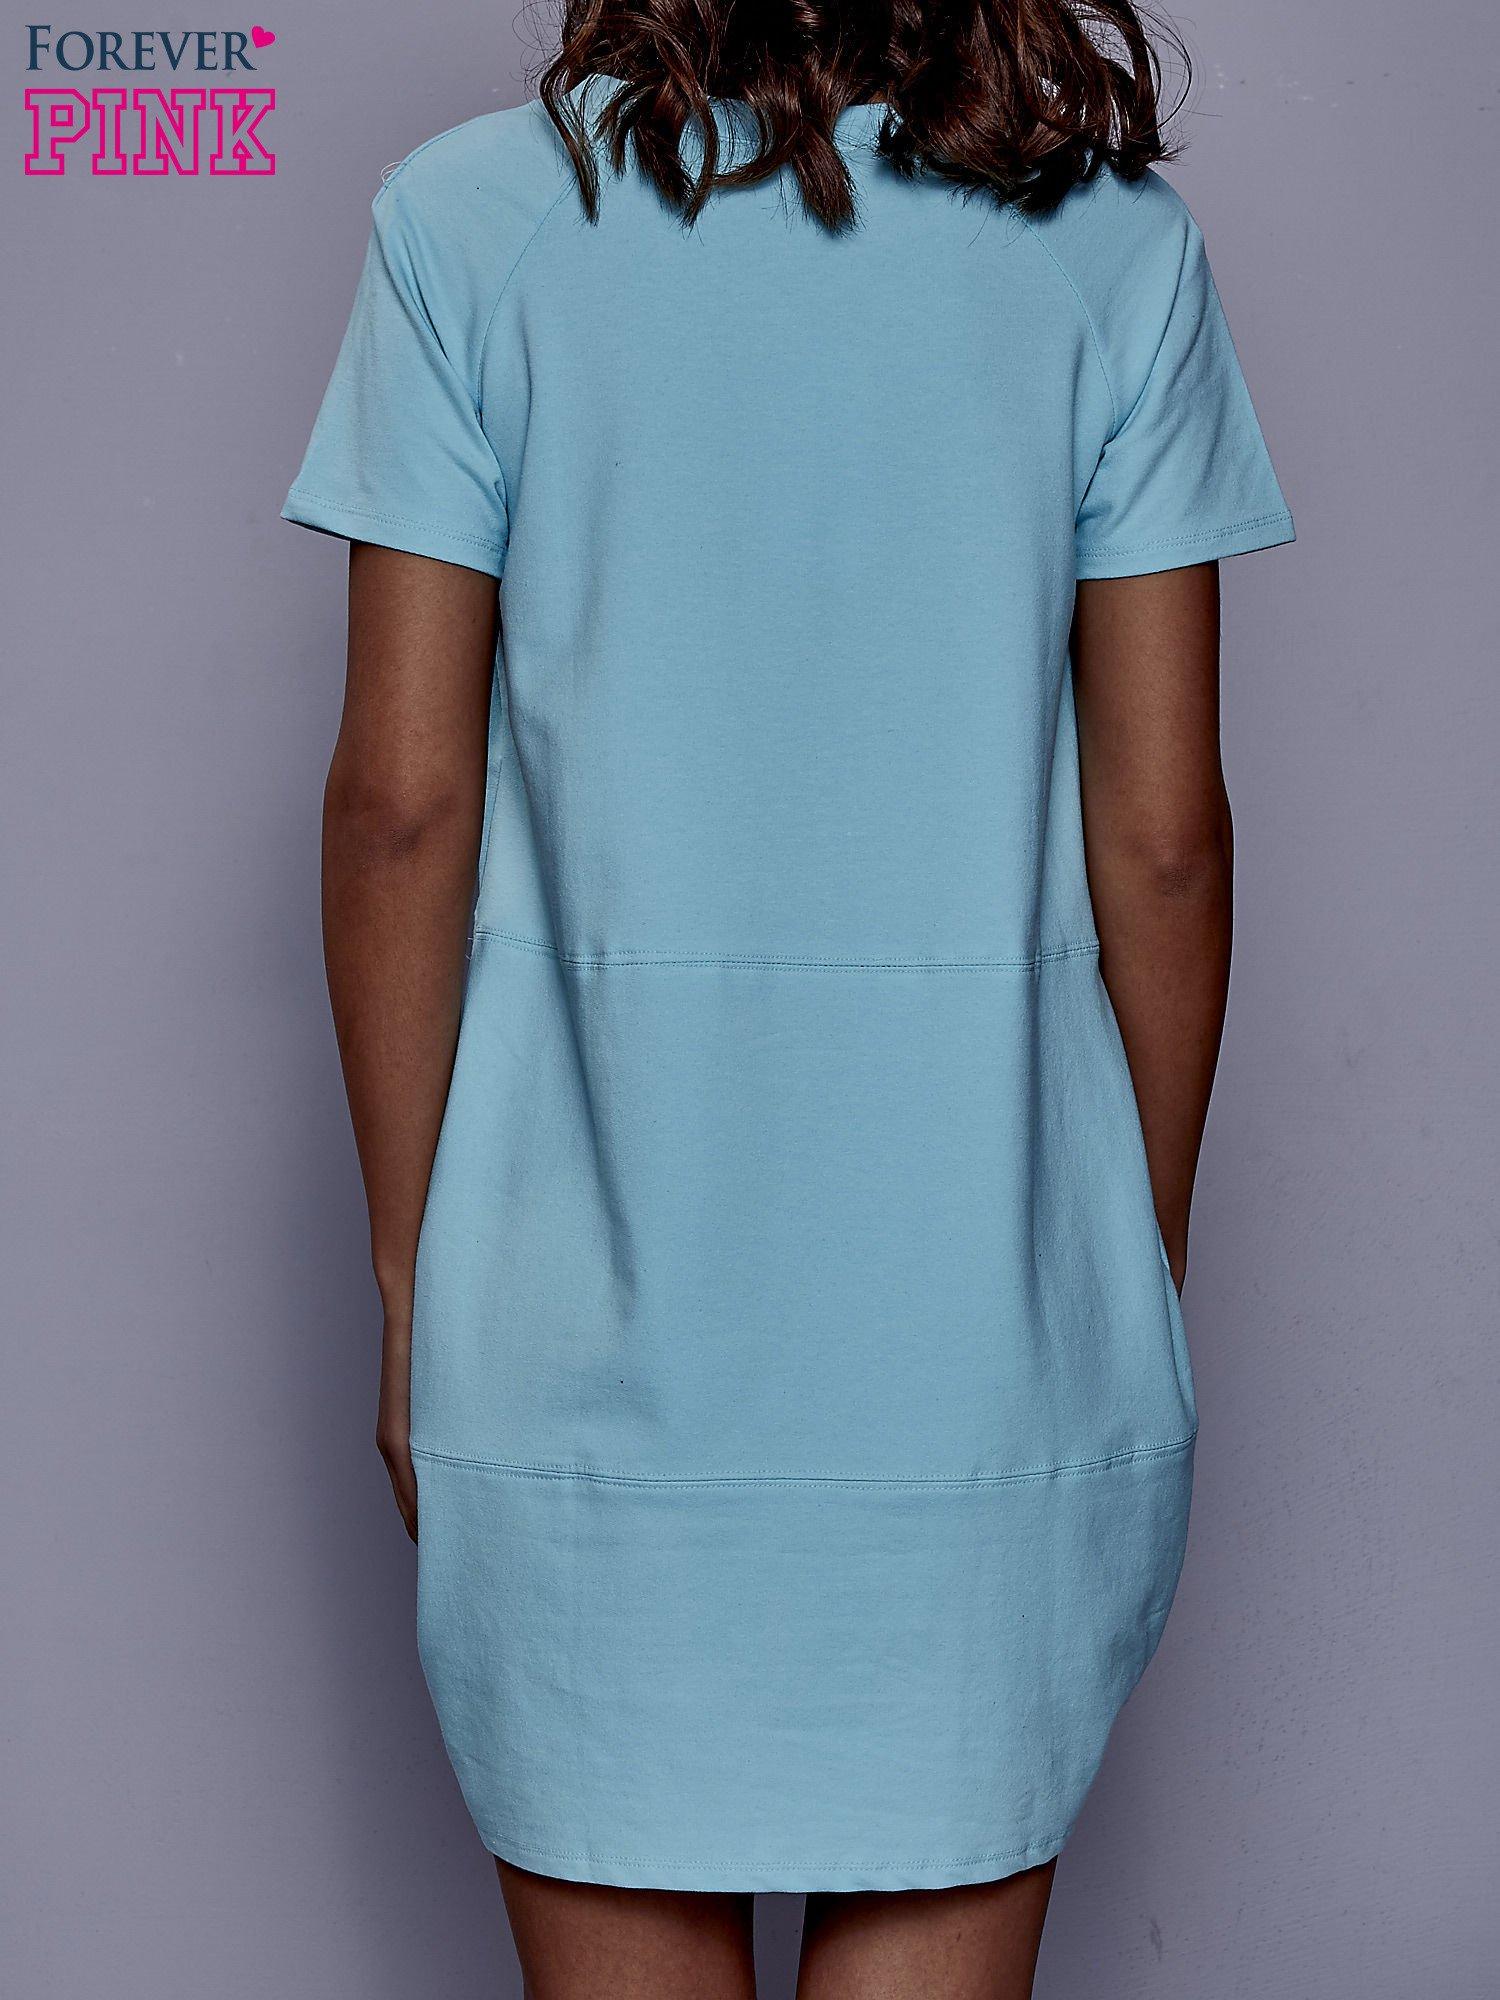 Turkusowa sukienka dresowa z kieszenią z boku                                  zdj.                                  2